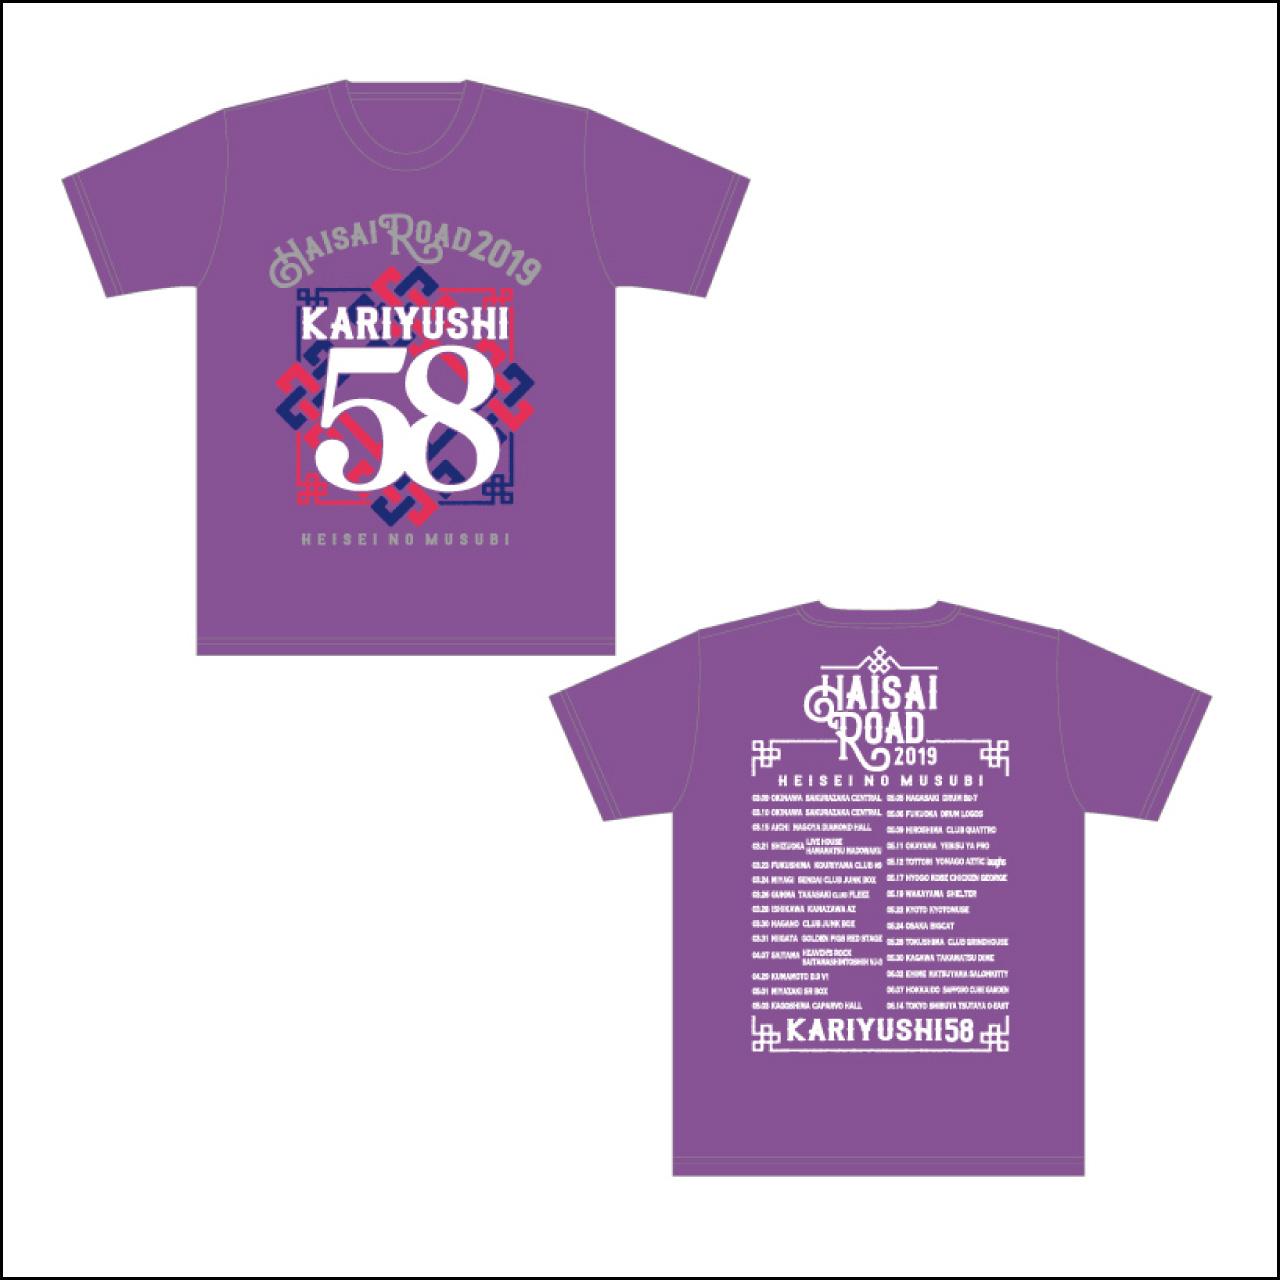 ハイサイロード2019ロゴTシャツ